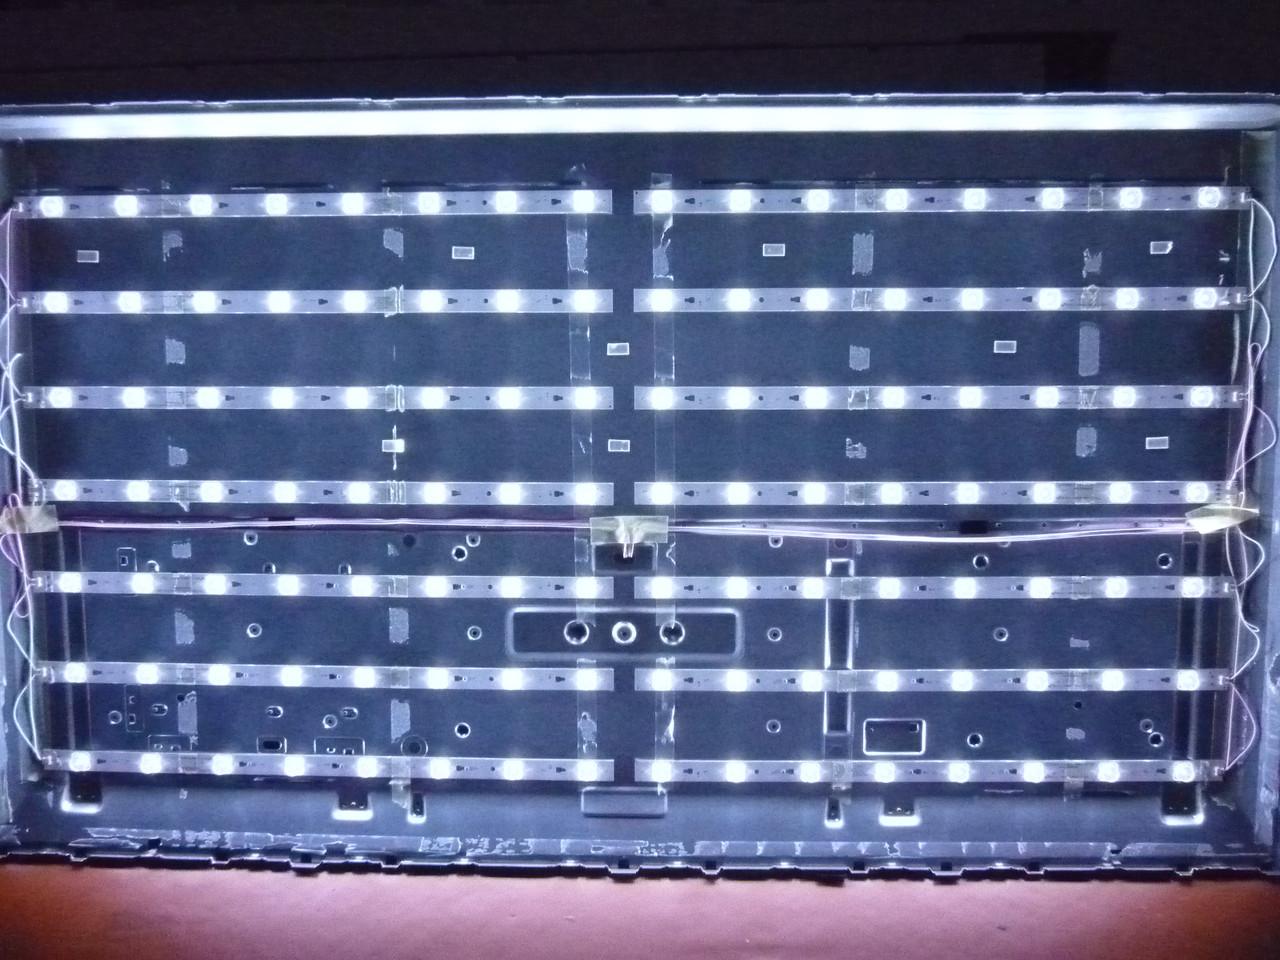 Світлодіодні LED-лінійки LED55D8(A-B)-ZC14AG-02 (матриця LSC550FN11).